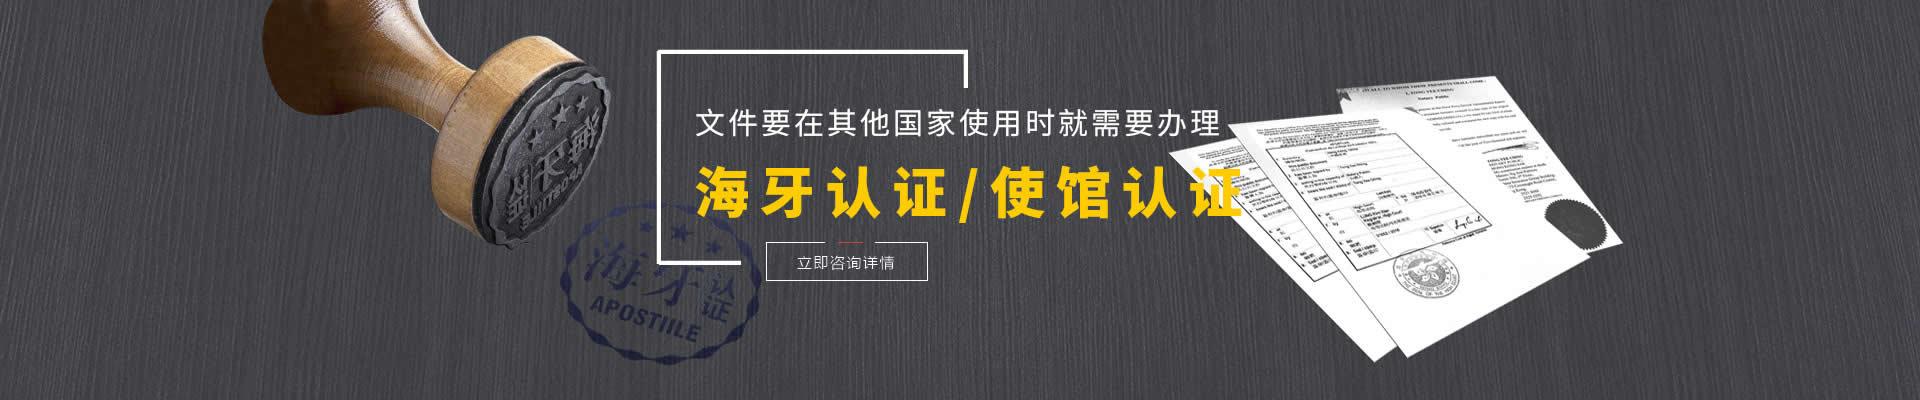 香港律师公证网海牙认证